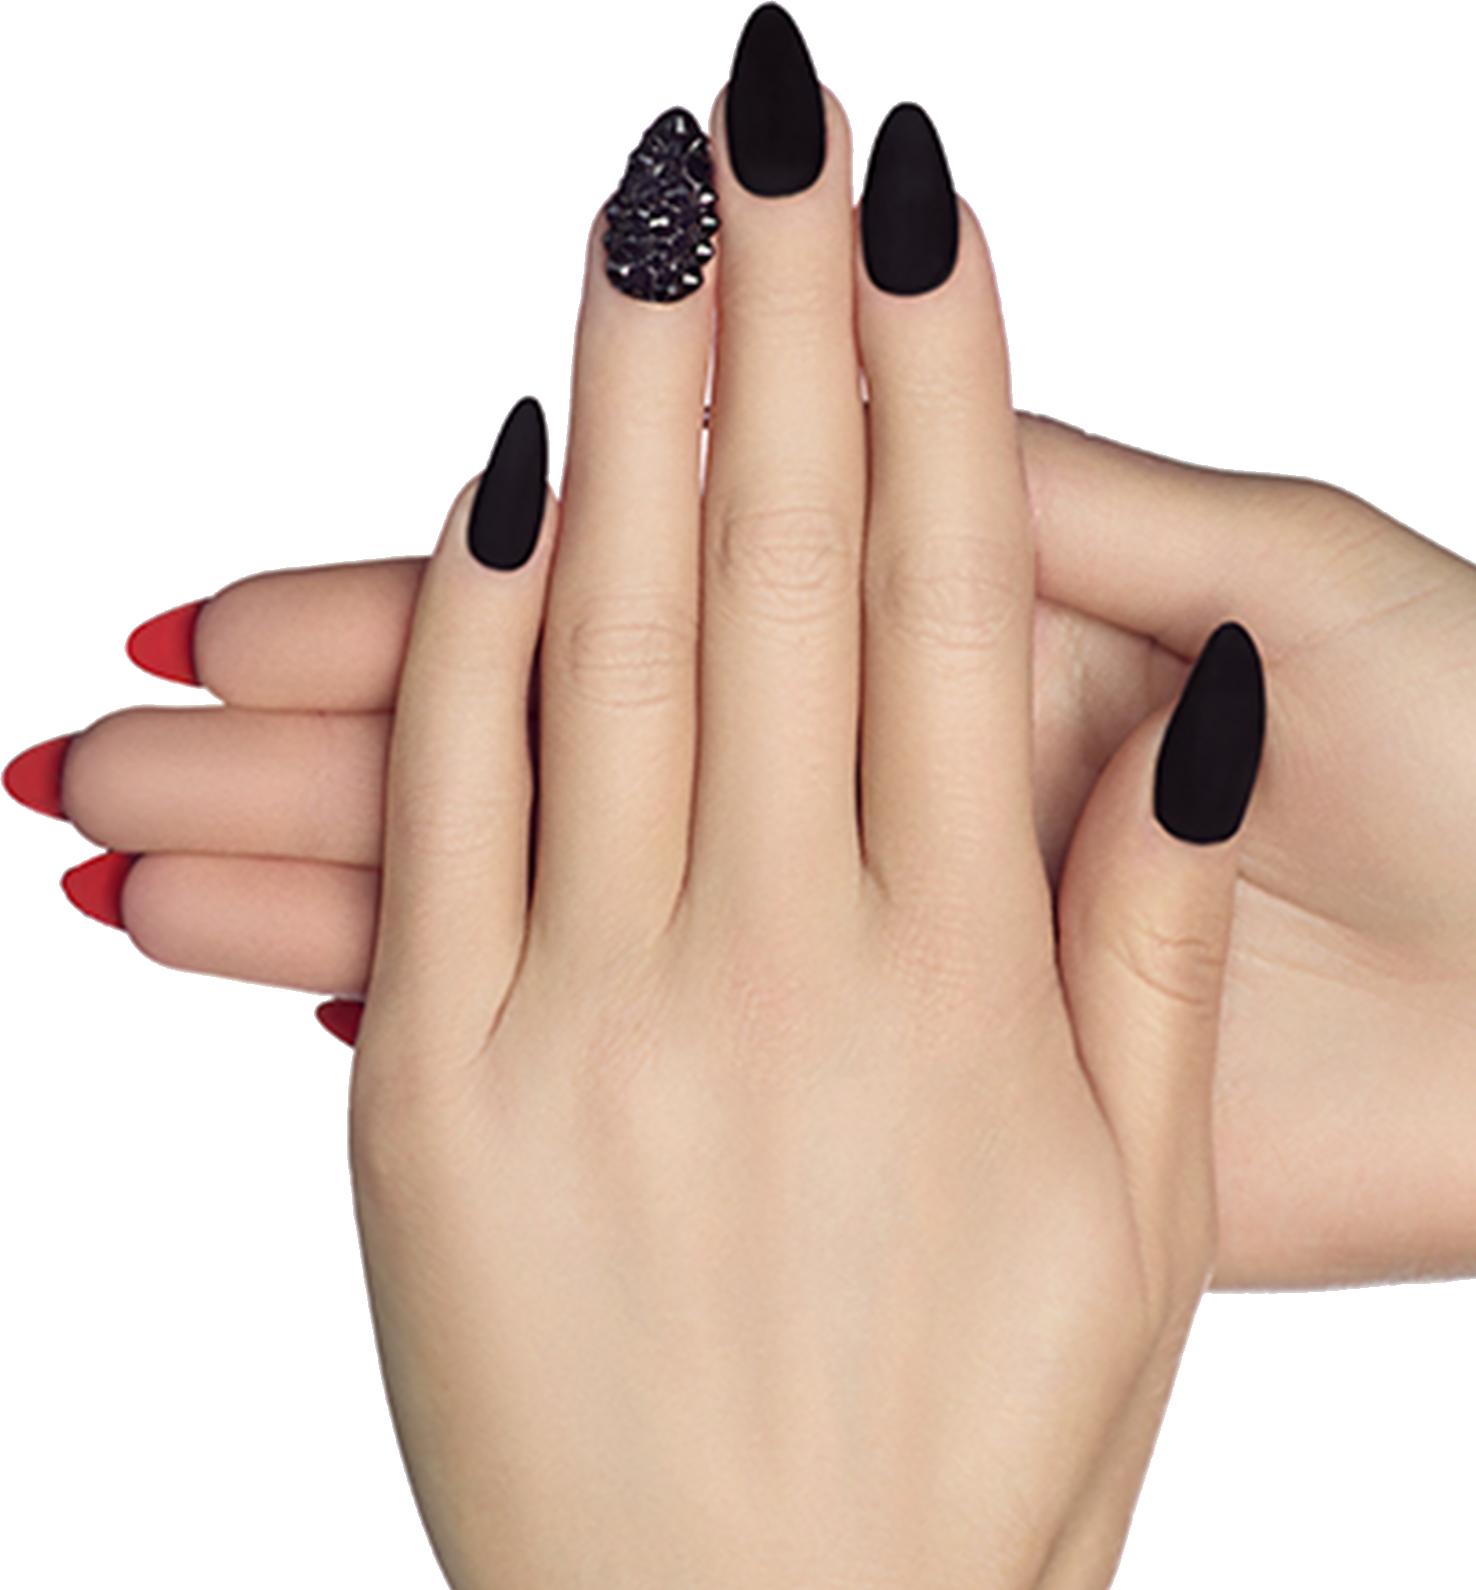 Nails clipart nail care. Png image purepng free